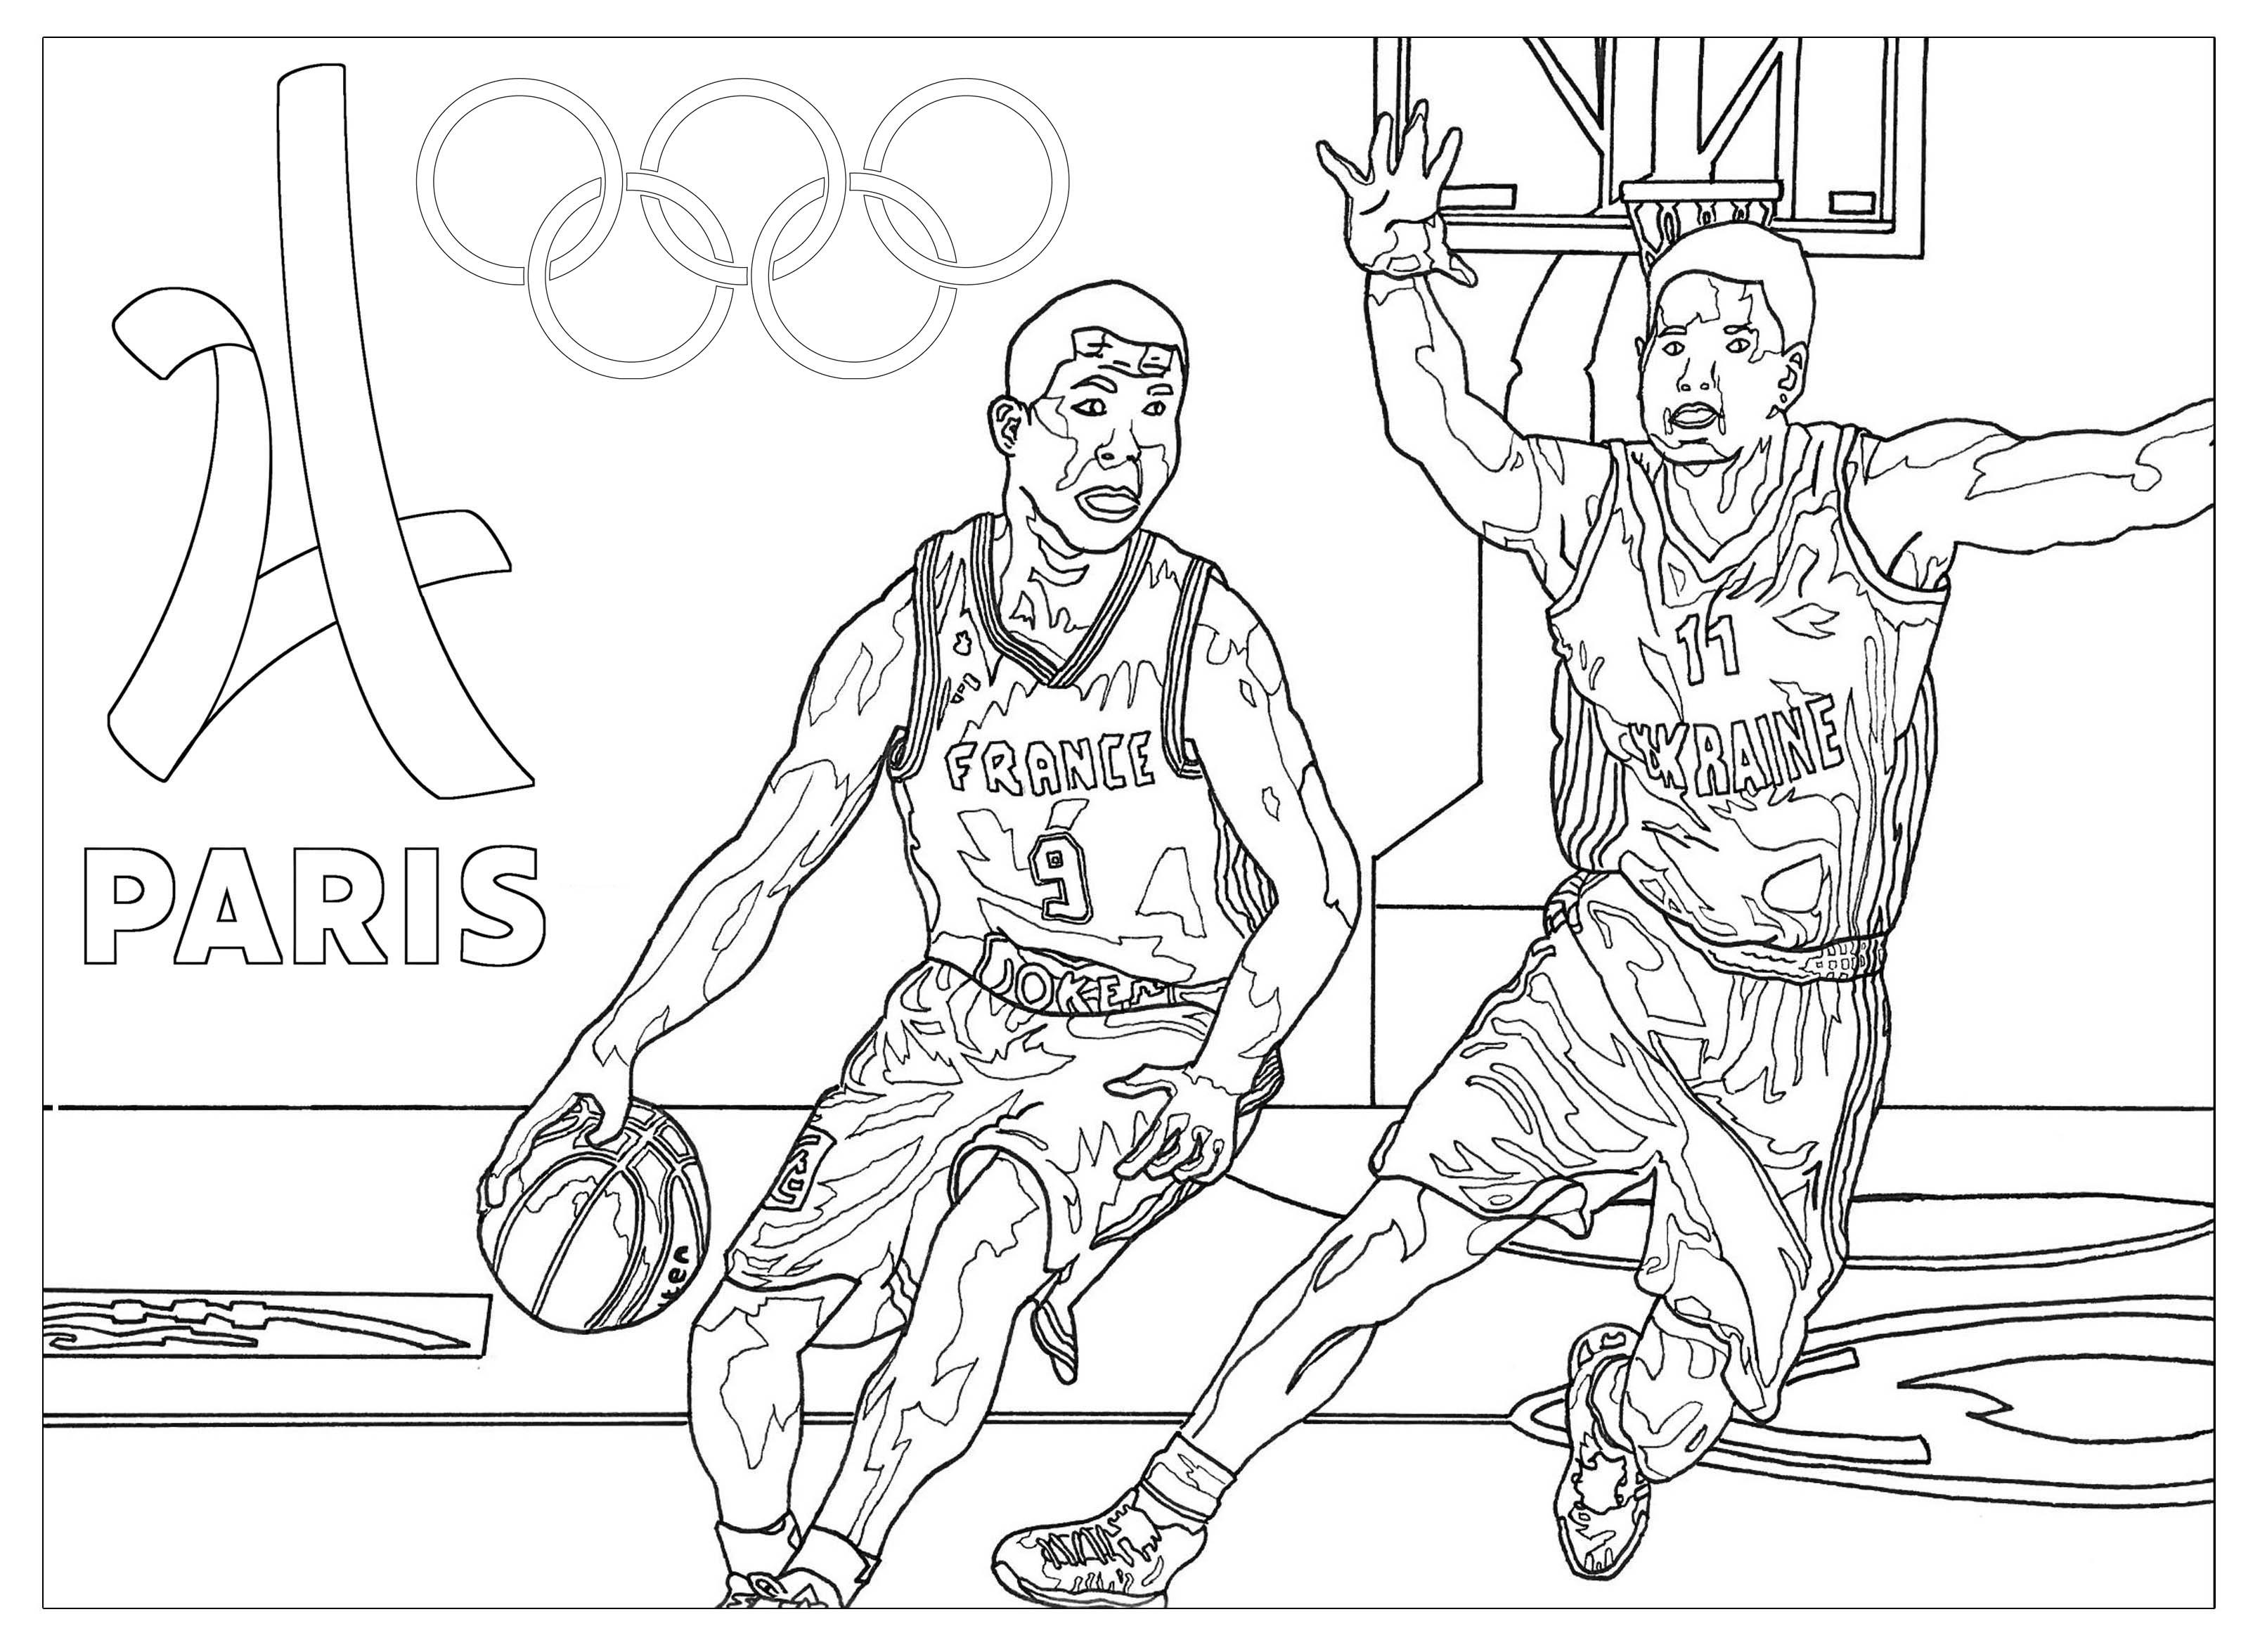 Jeux Olympiques de Paris 2024 : Le basketball